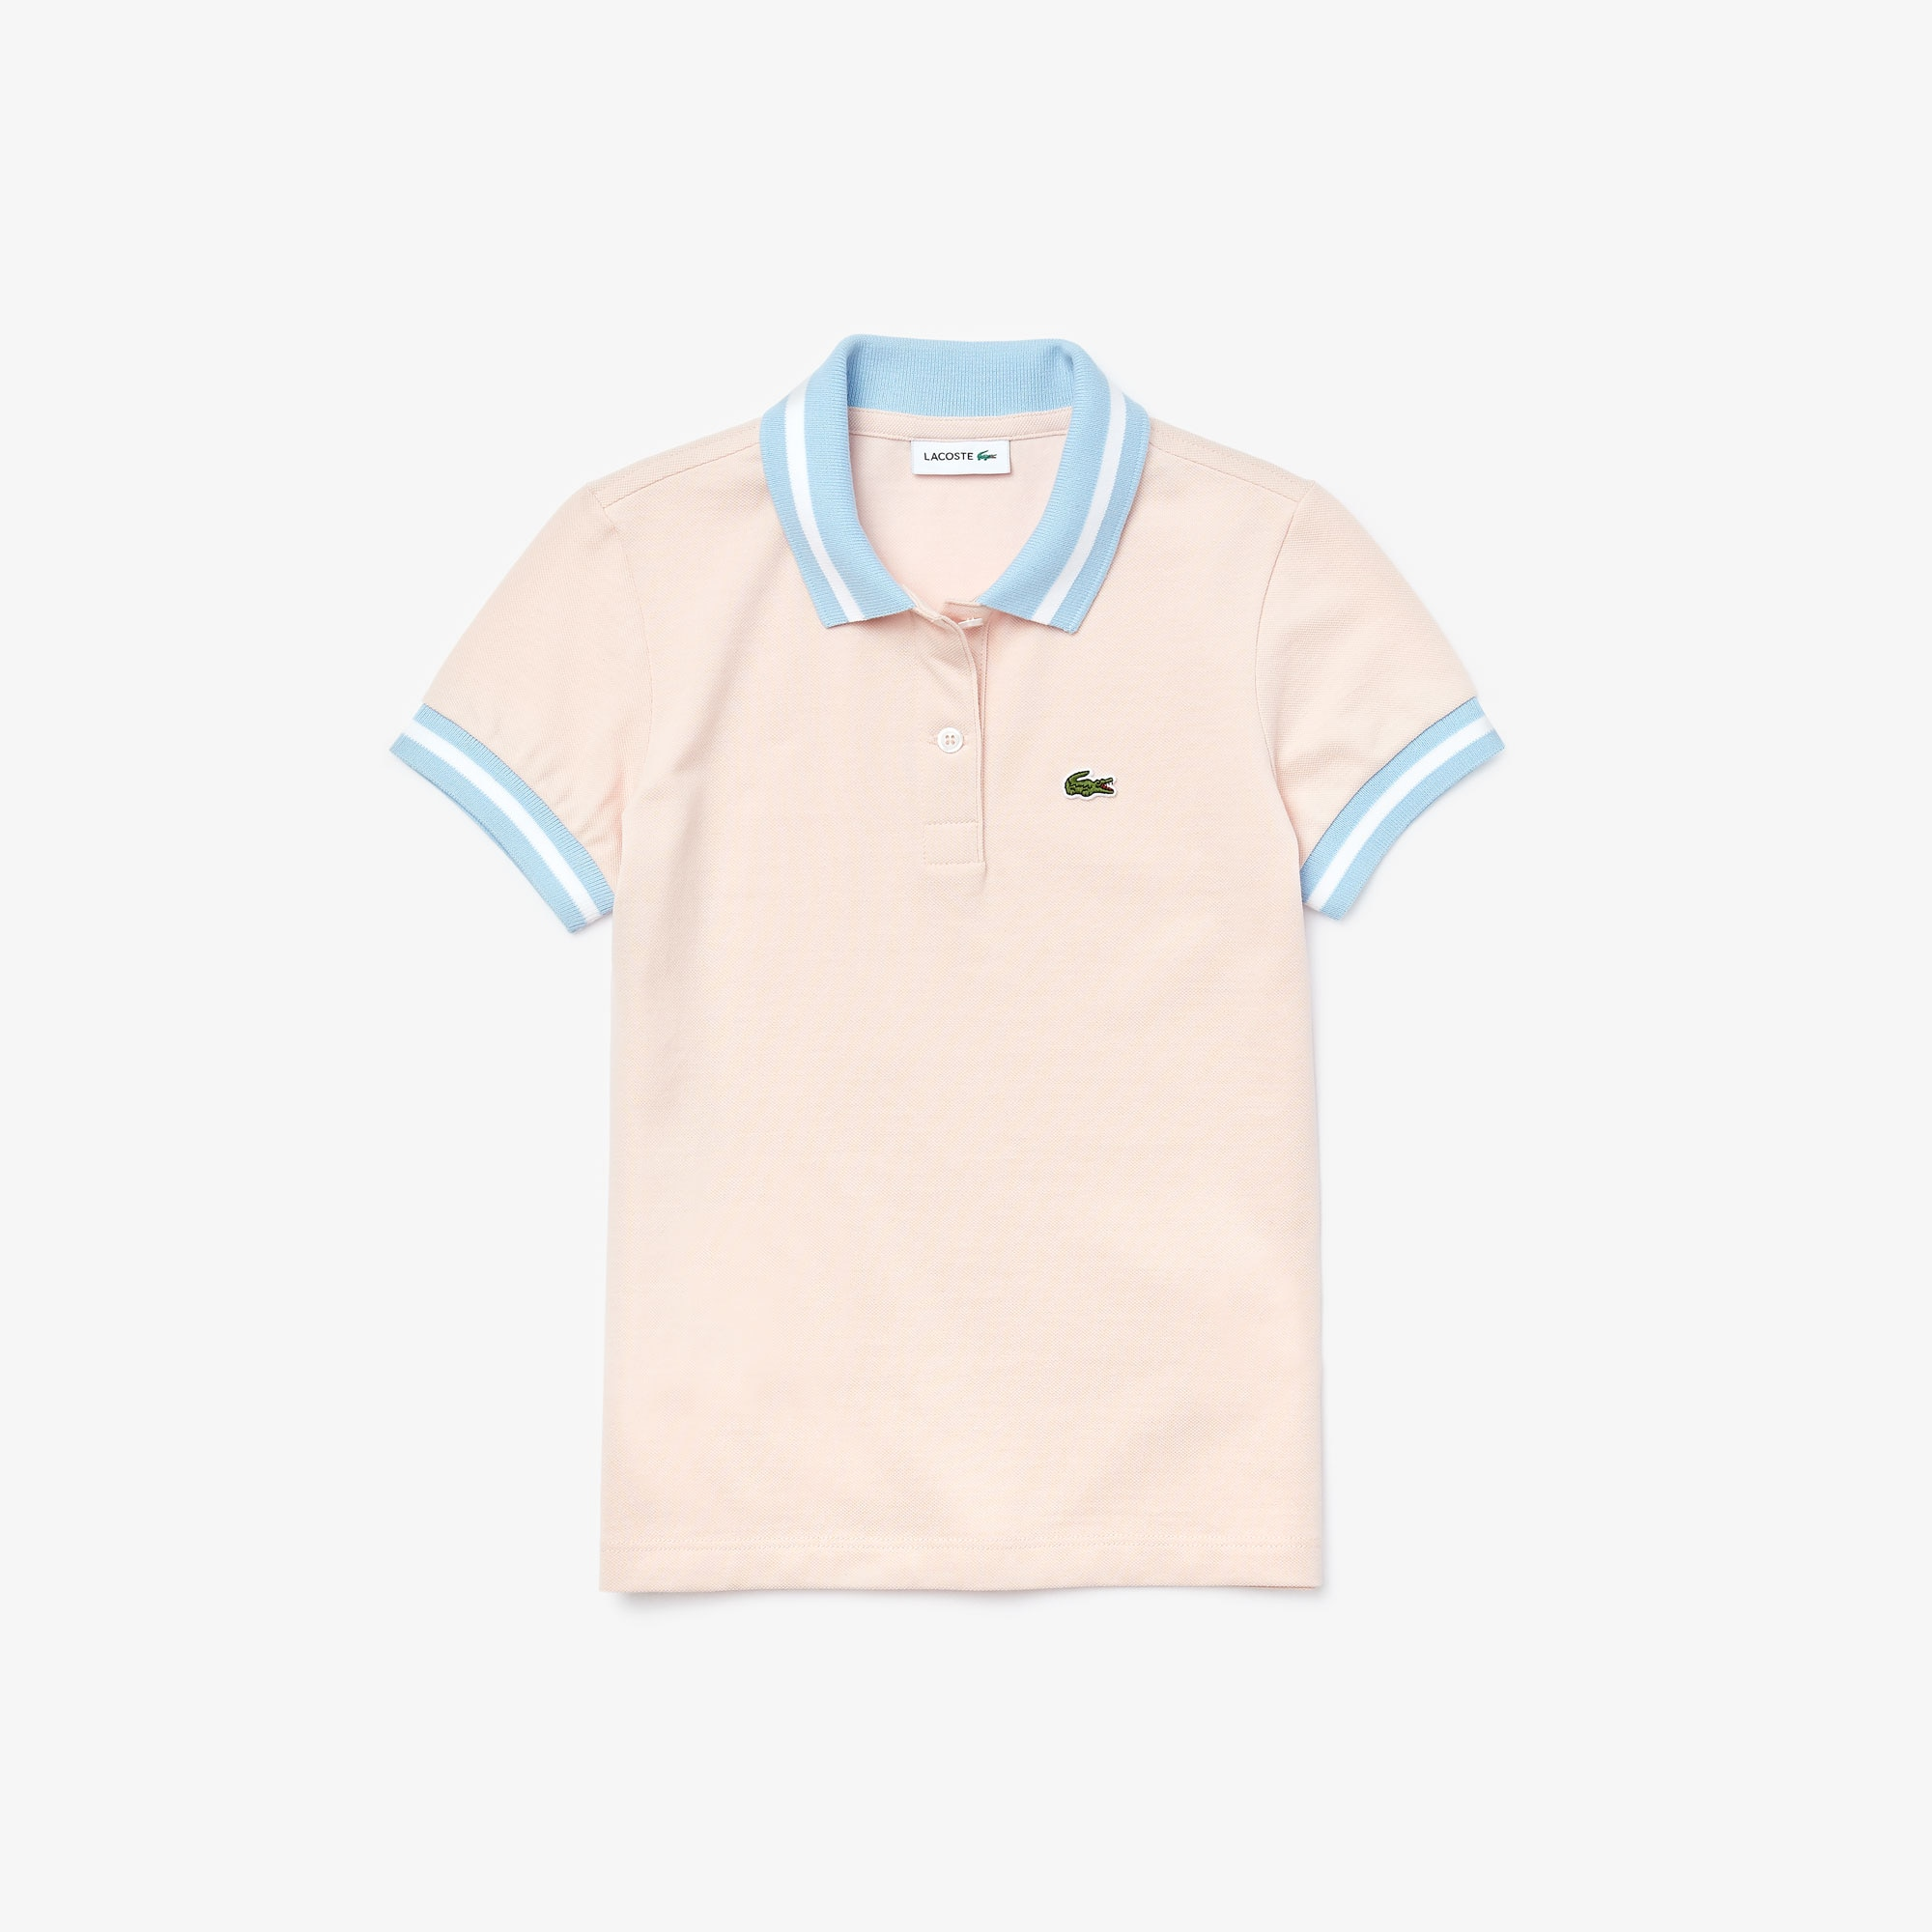 라코스테 보이즈 스트라이프 피케 폴로 Lacoste Boys Striped Details Cotton Pique Polo,Light Pink / White • AEK